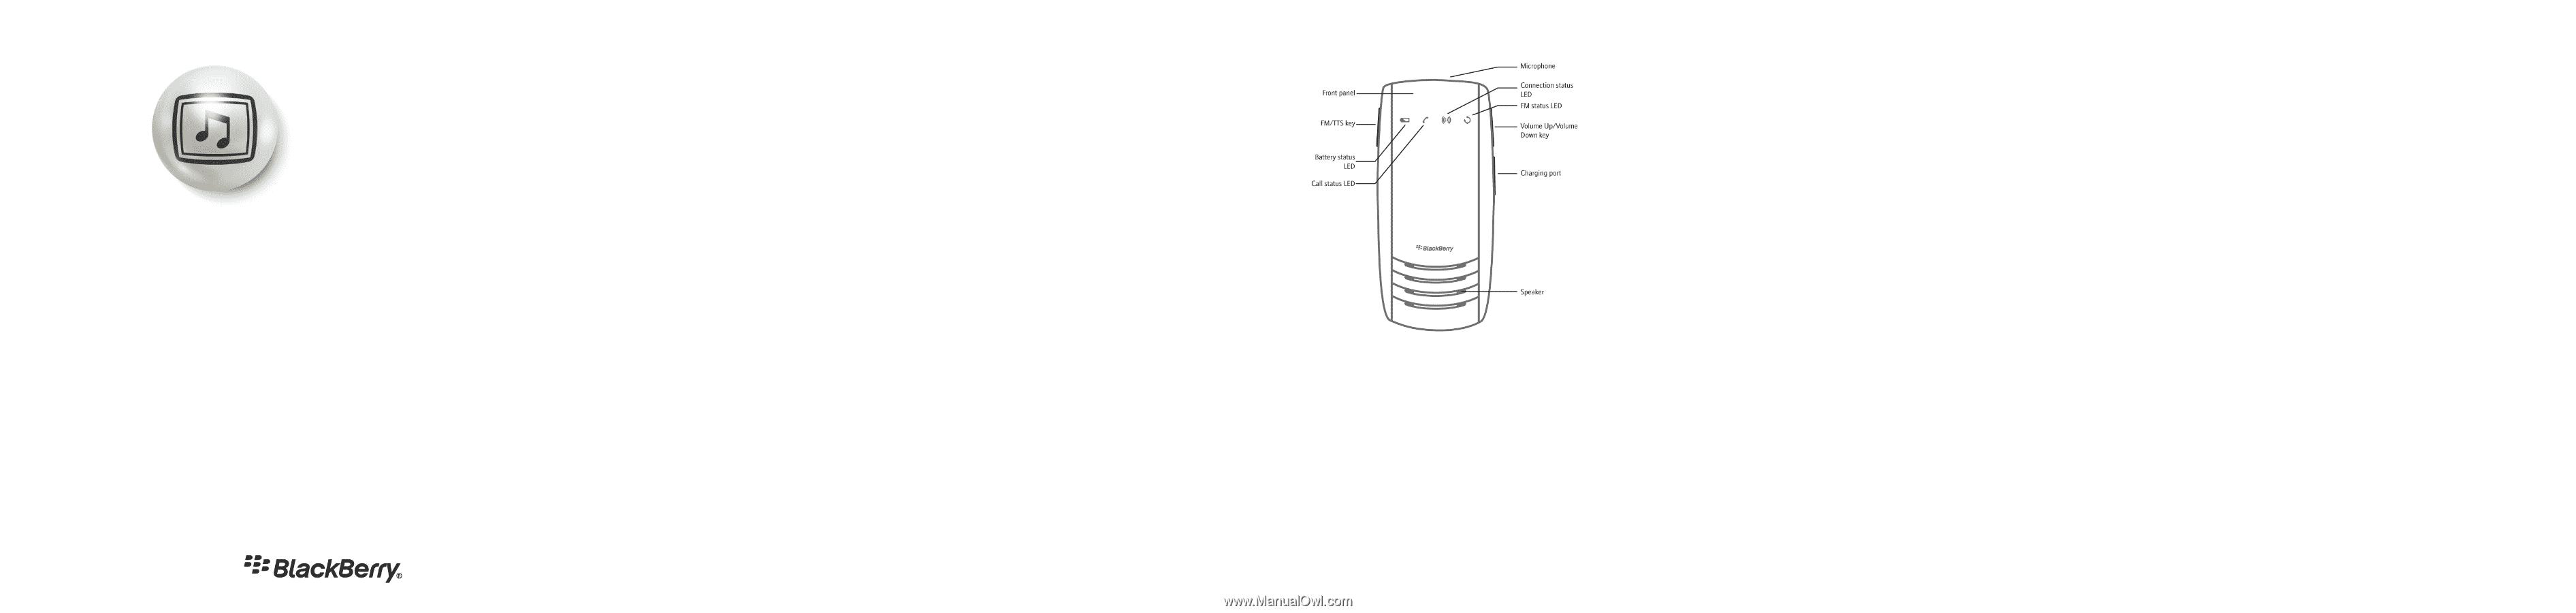 2015 vstar 1100 repair manual